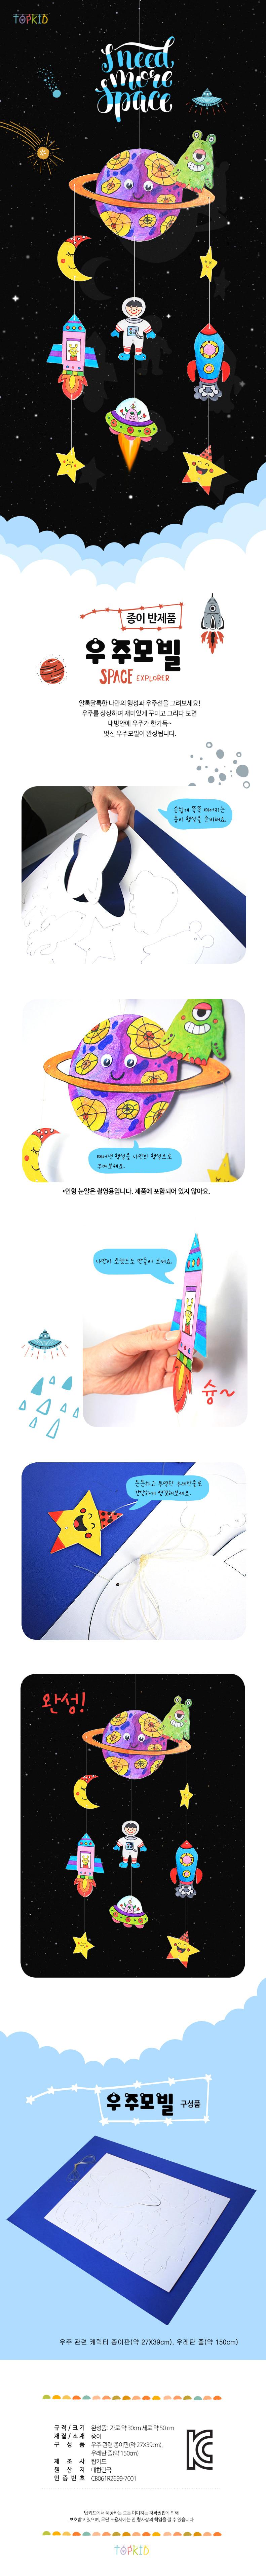 반제품 우주모빌 - 하비파티, 1,200원, 종이공예/북아트, 종이공예 패키지